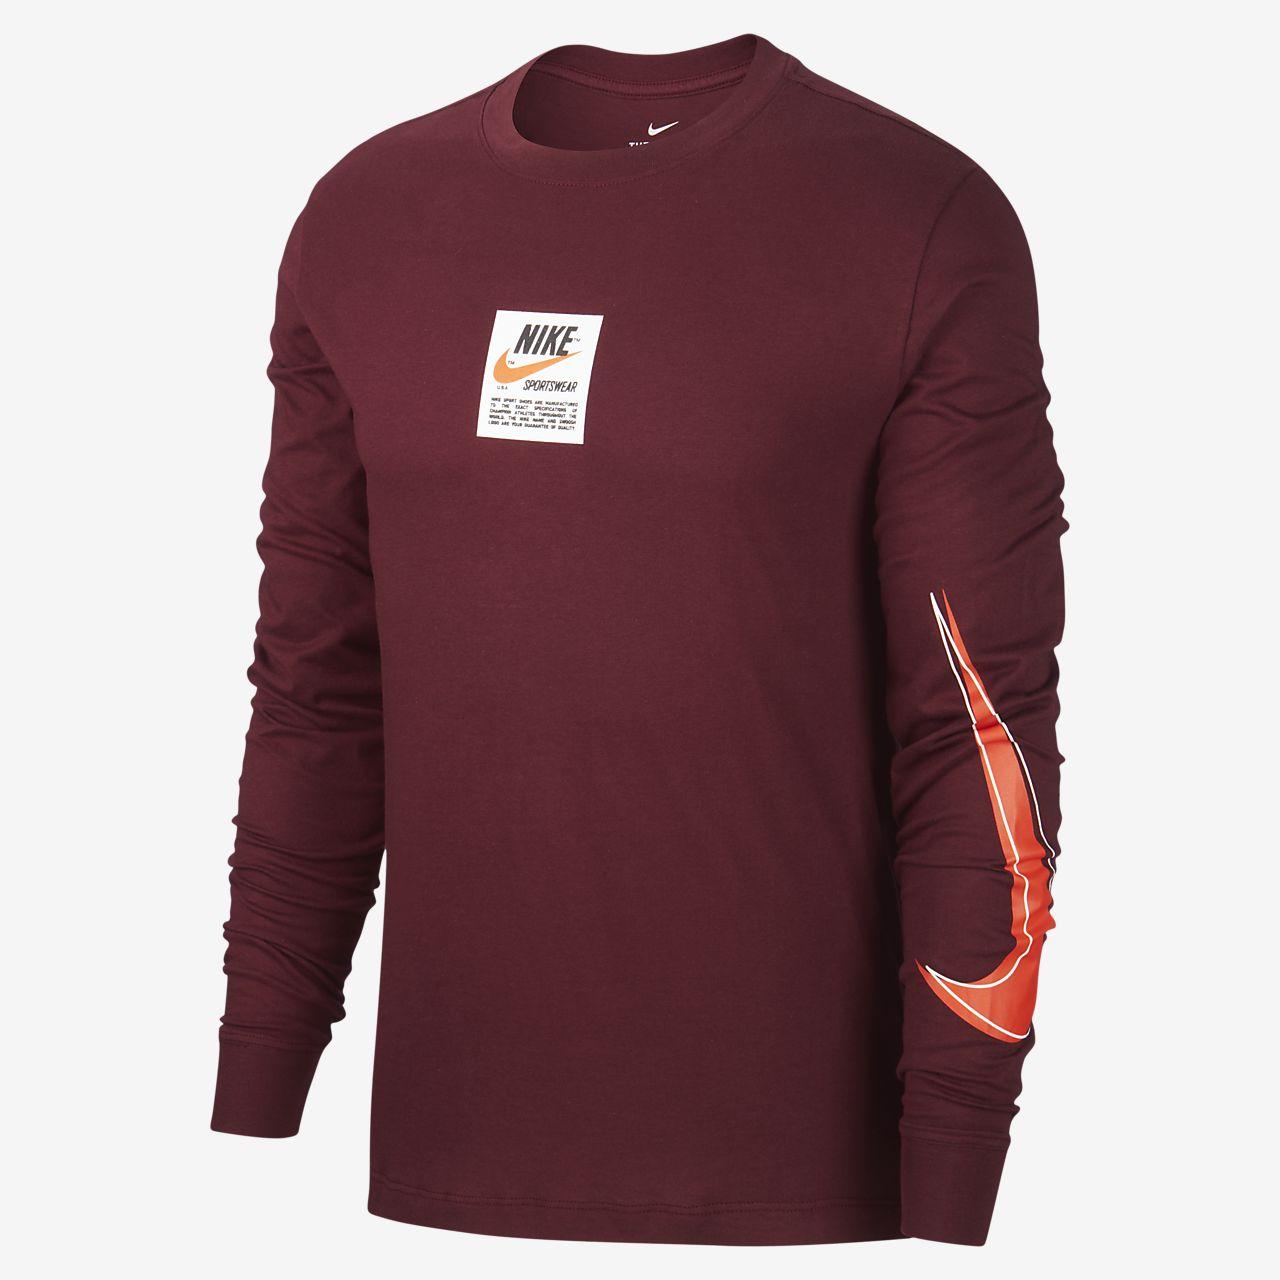 Nike Sportswear Langarm Oberteil mit Print für Herren